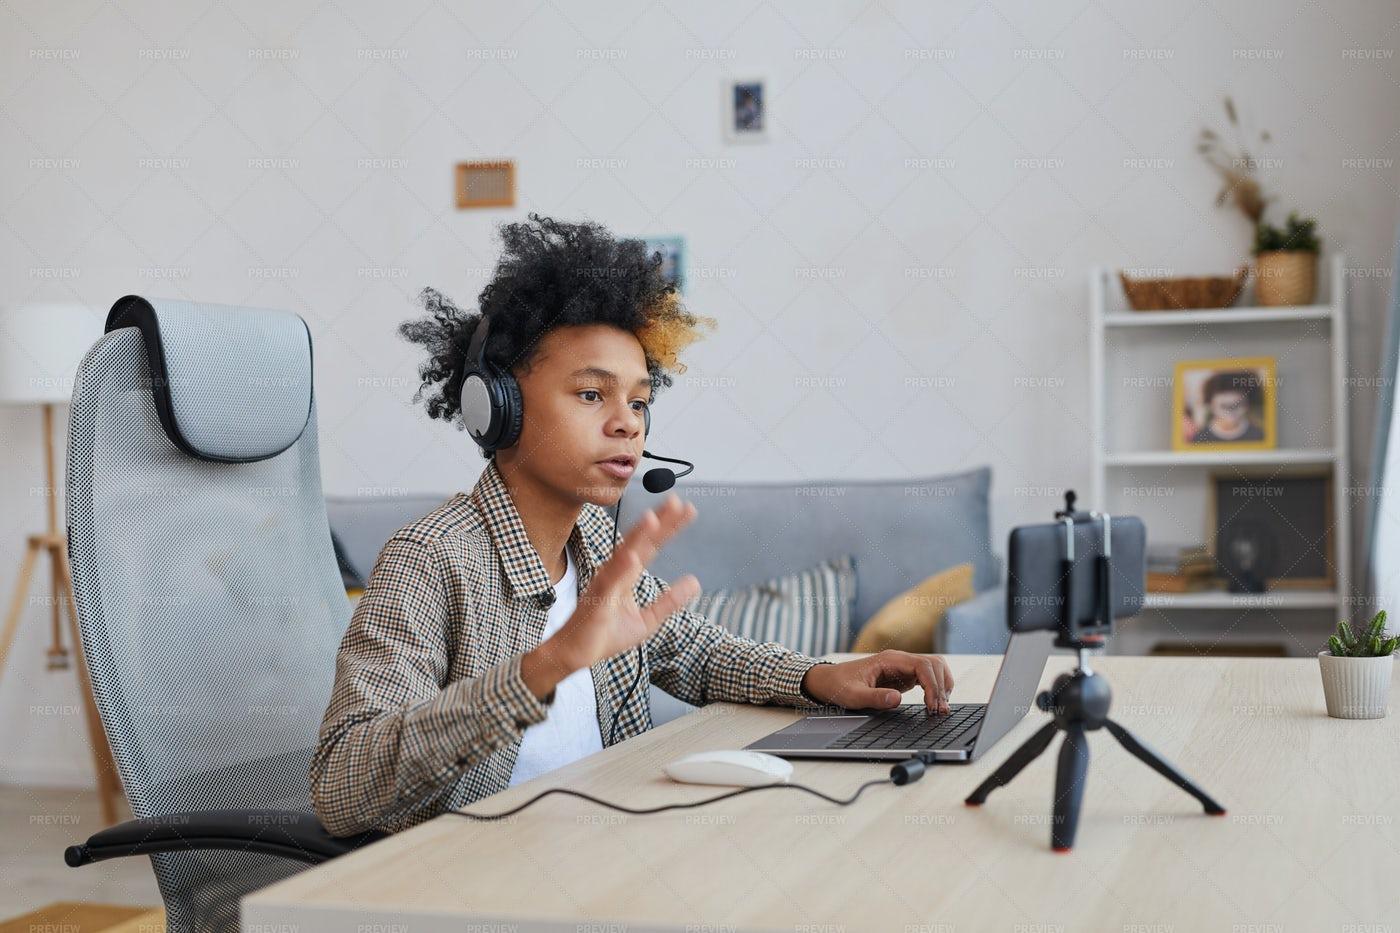 Young Video Blogger: Stock Photos